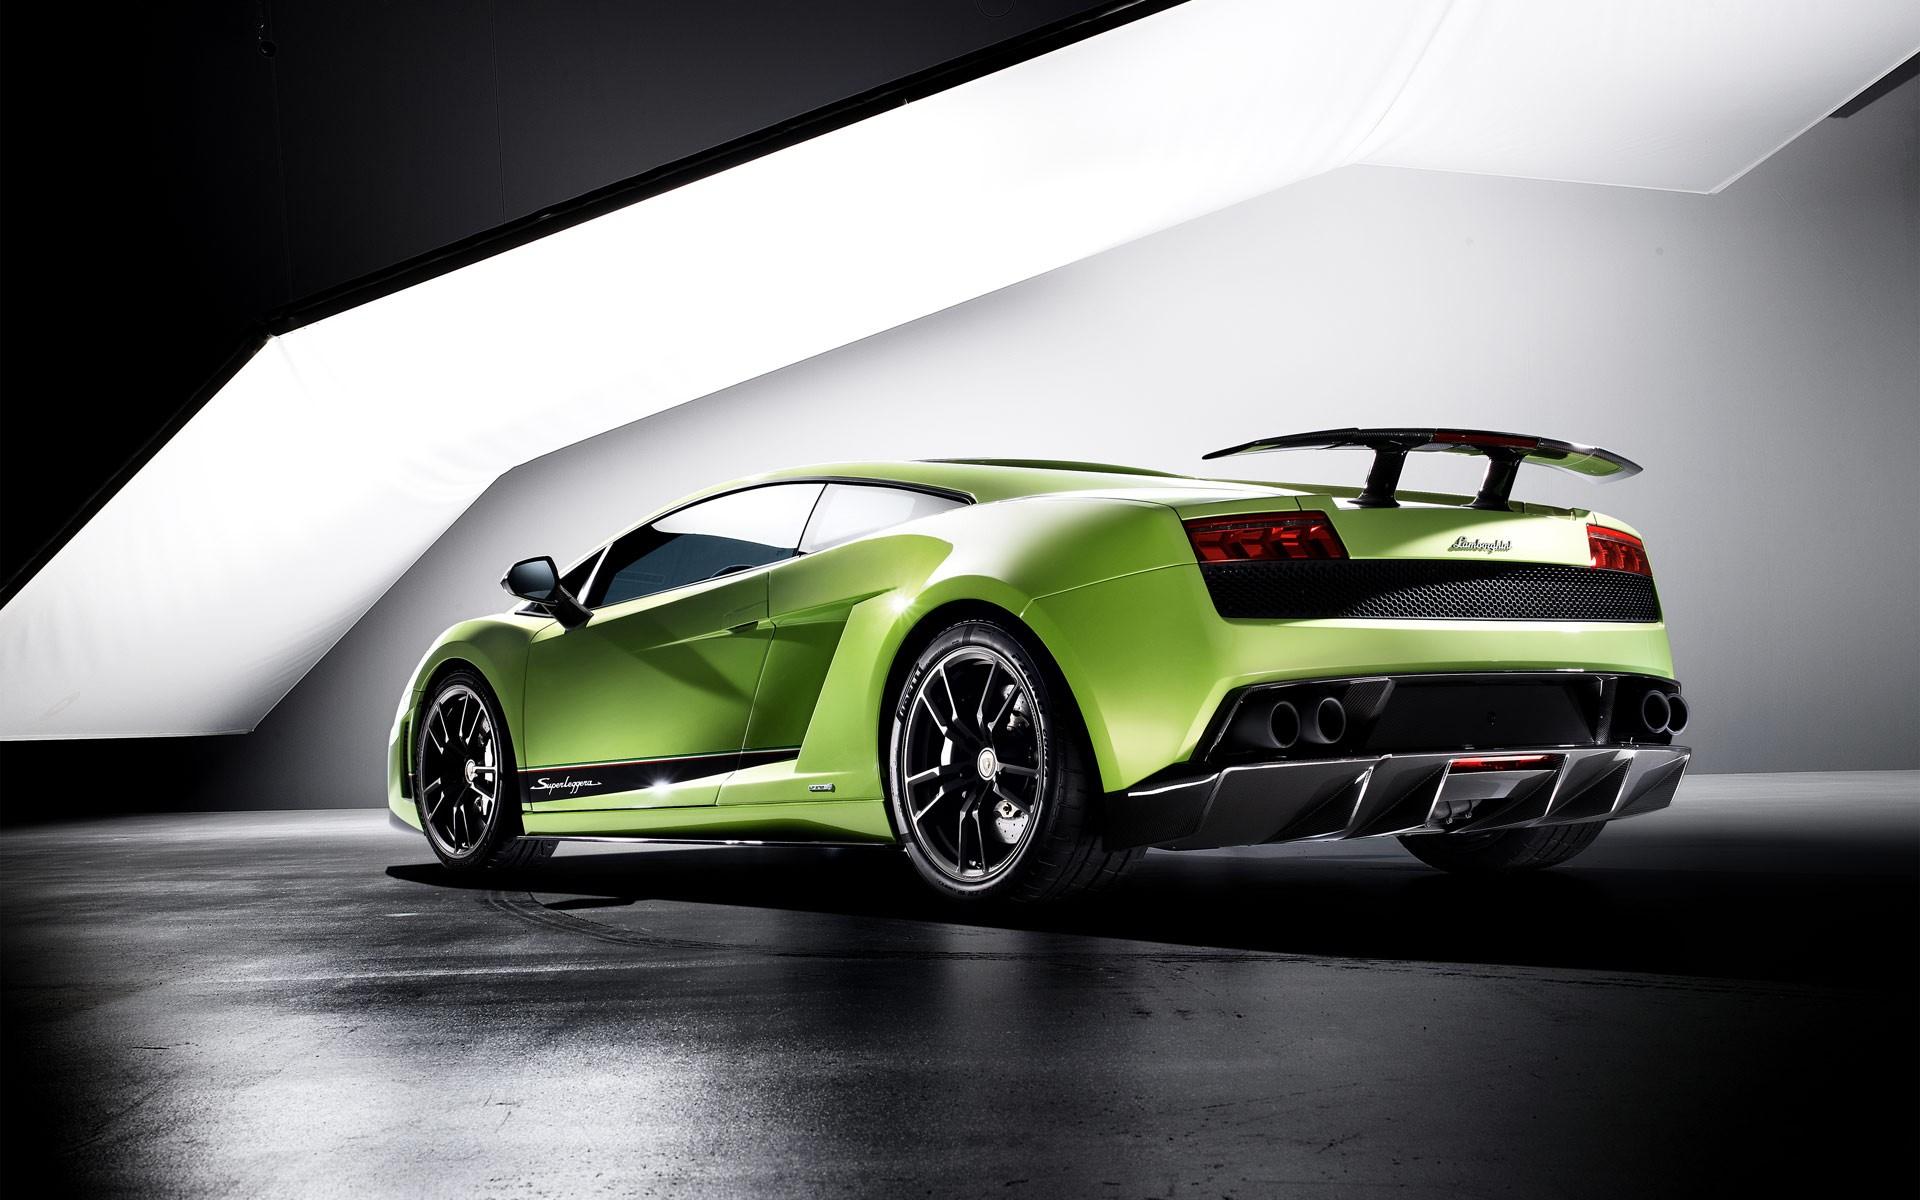 Wallpaper 1920x1200 Px Car Green Cars Lamborghini